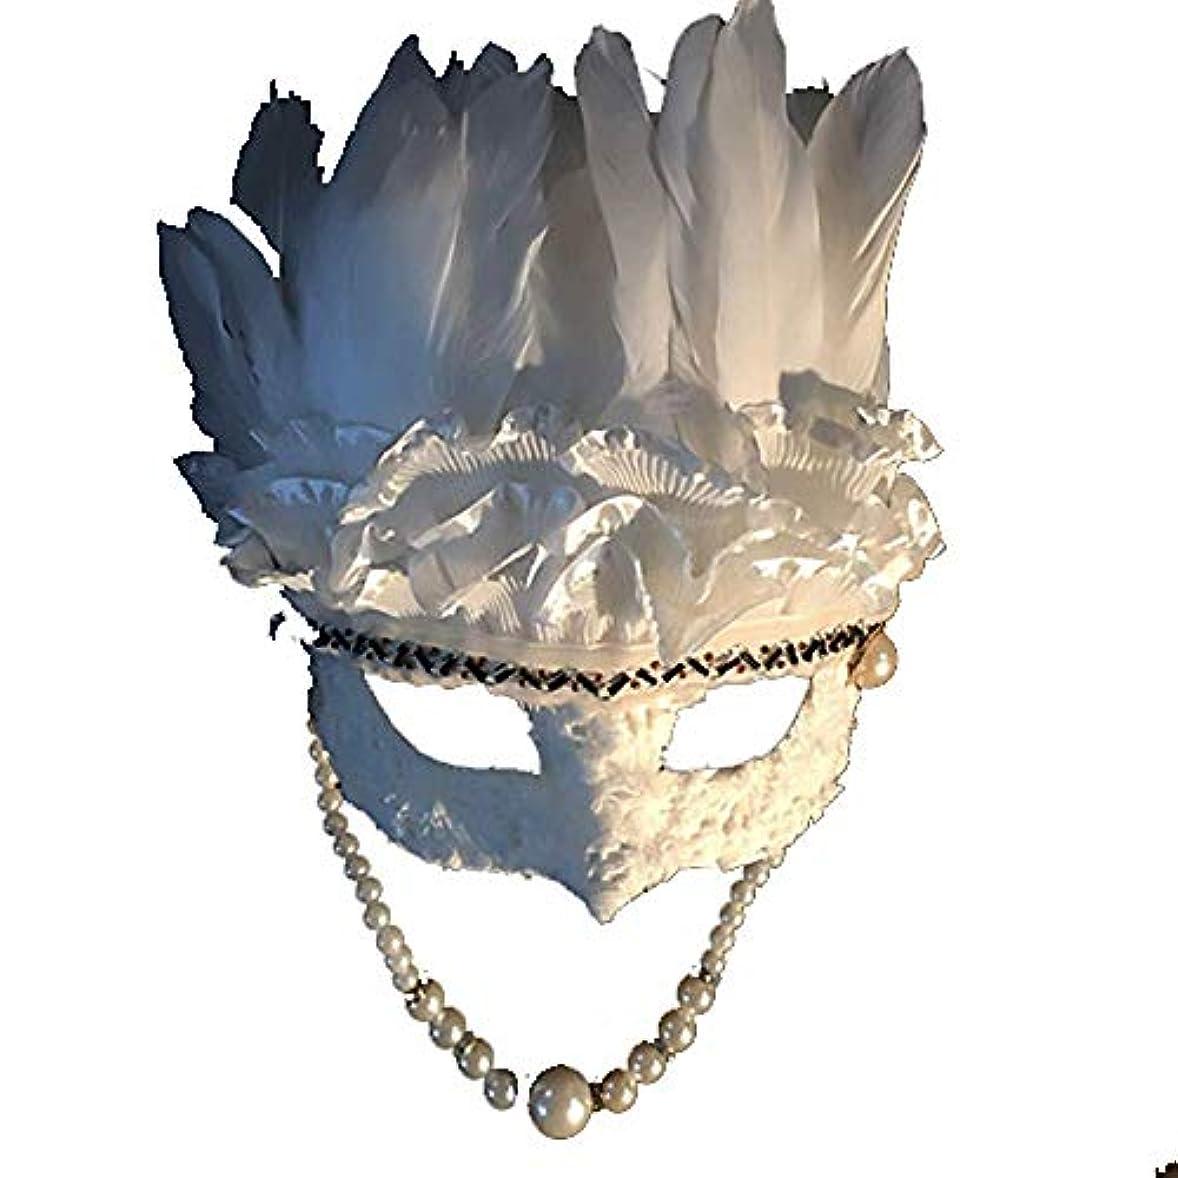 見分けるグレー環境に優しいNanle ハロウィンクリスマスフェザースパンコール刺繍ビーズマスク仮装マスクレディミスプリンセス美容祭パーティーデコレーションマスク